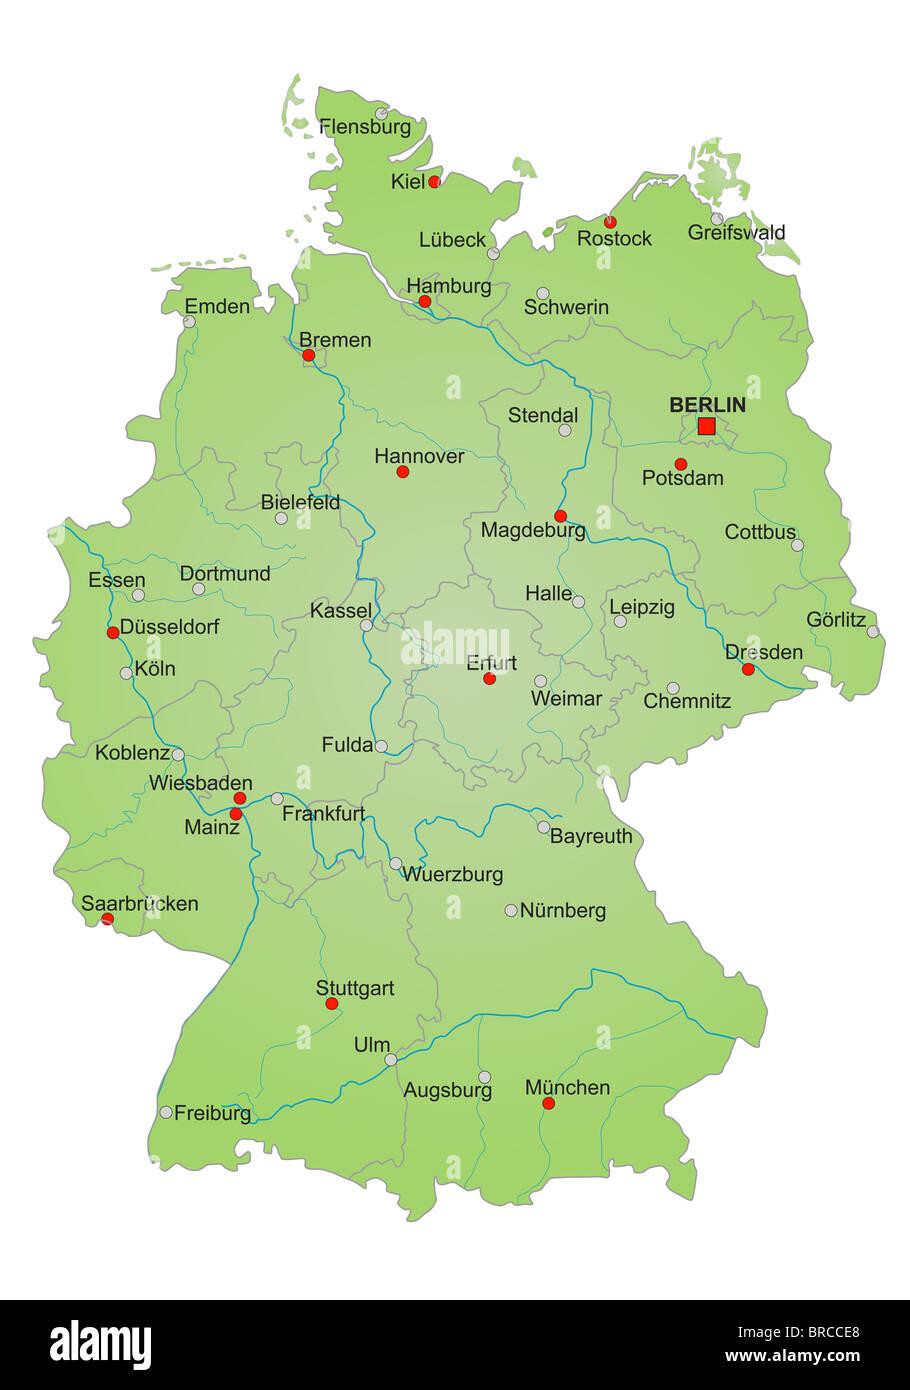 landkarte deutschland stockfotos landkarte deutschland. Black Bedroom Furniture Sets. Home Design Ideas